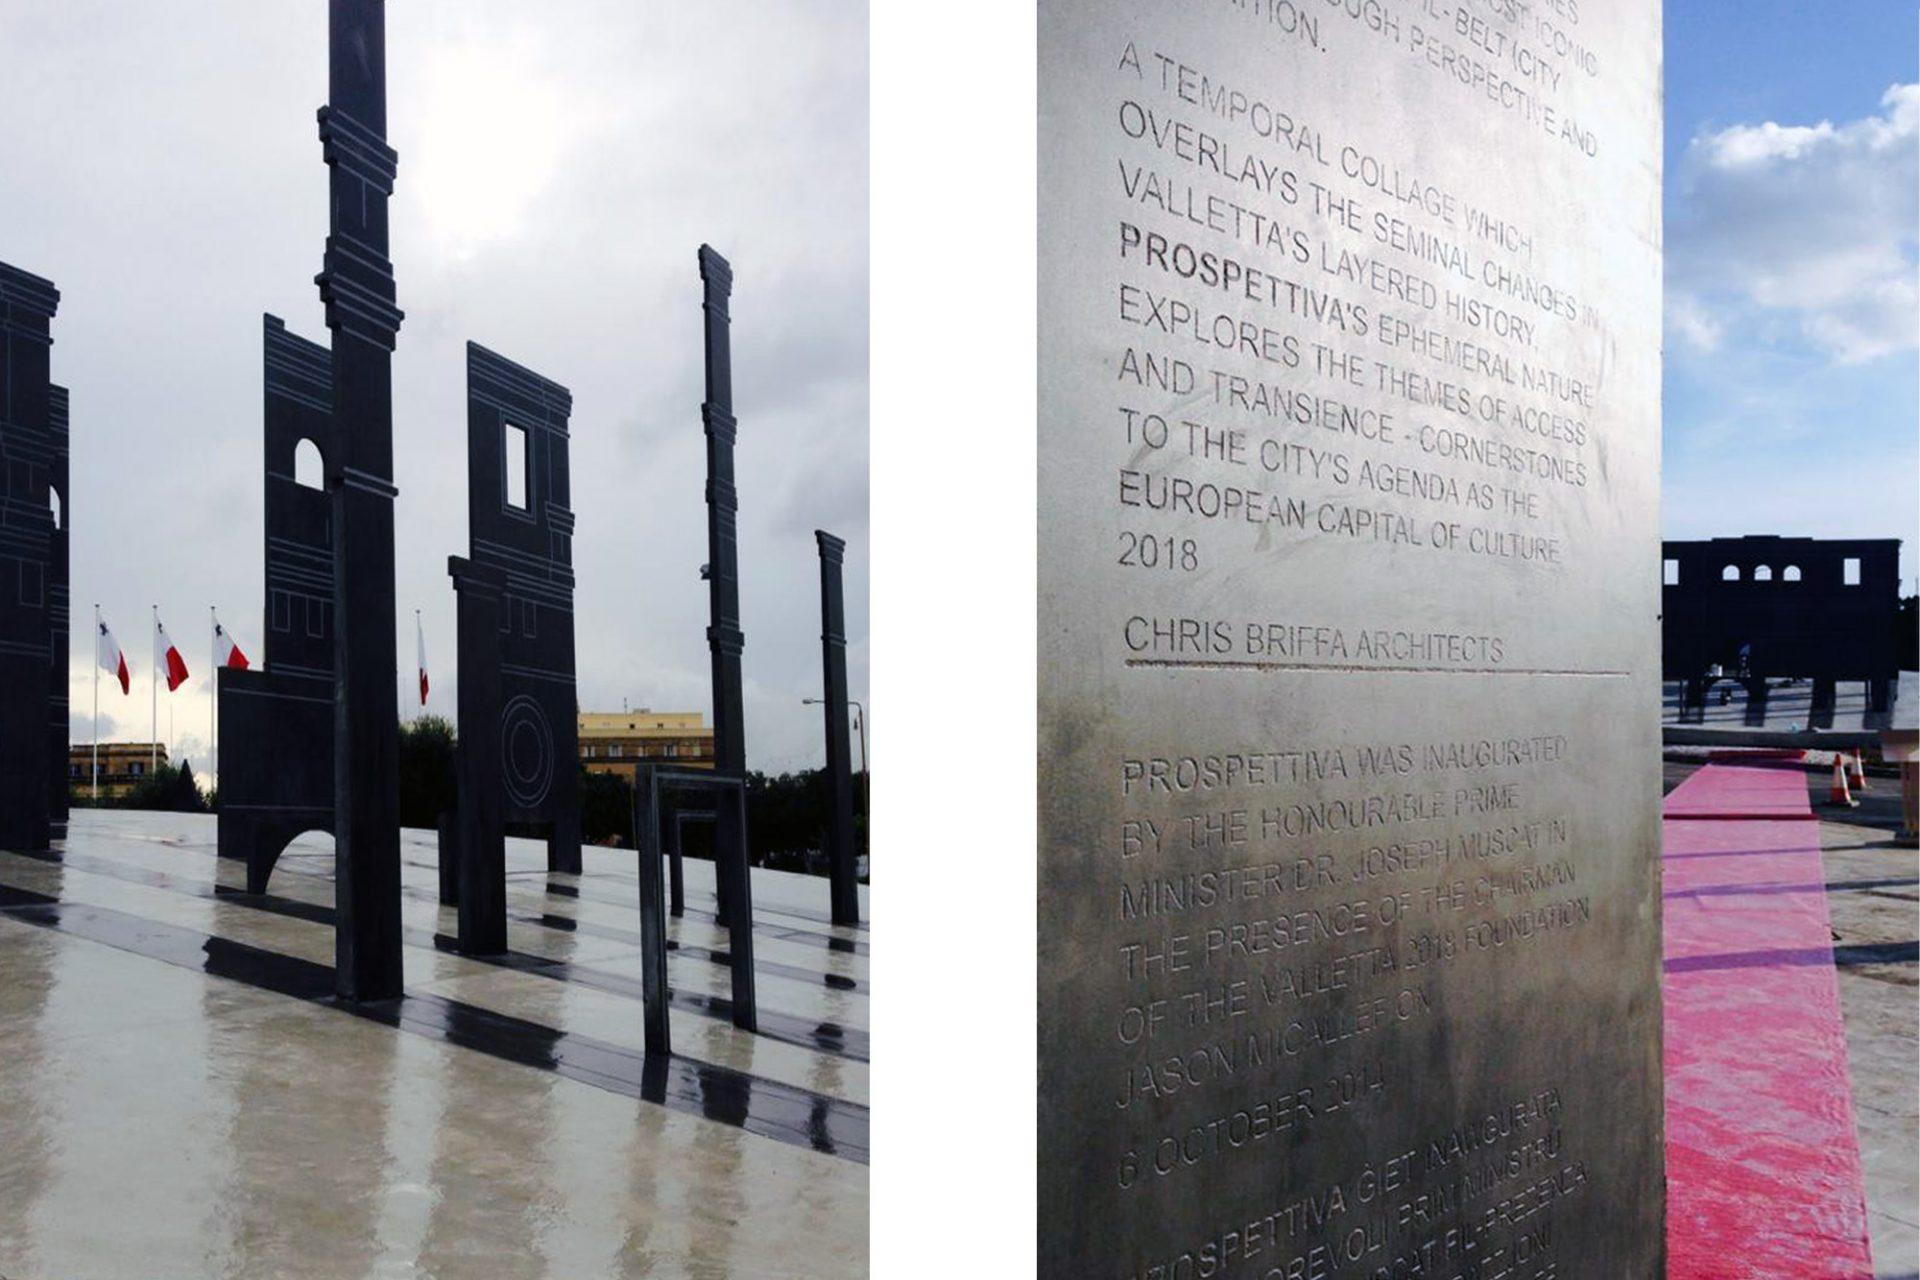 """""""Perspettiva"""" von Chris Briffa.  Fünf Silhouetten aus Stahl repräsentieren die fünf Tore. Aus einer bestimmten Perspektive fügen sich die einzelnen Zeitschichten zu einem Ganzen und formen eine neue kraftvolle Architektur."""